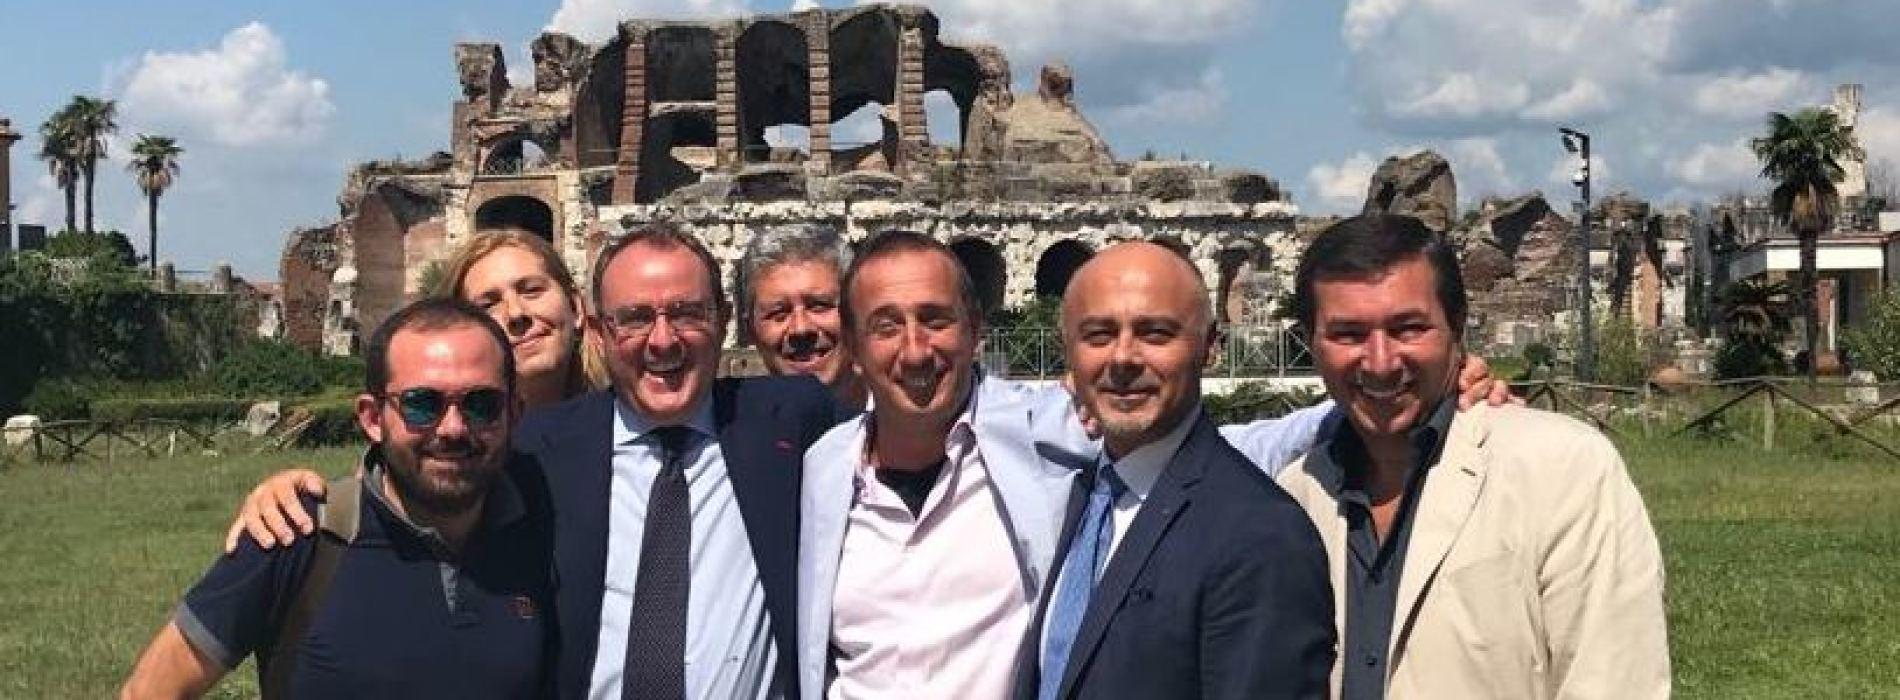 I Commercialisti per il sociale. Intervista al presidente Luigi Fabozzi